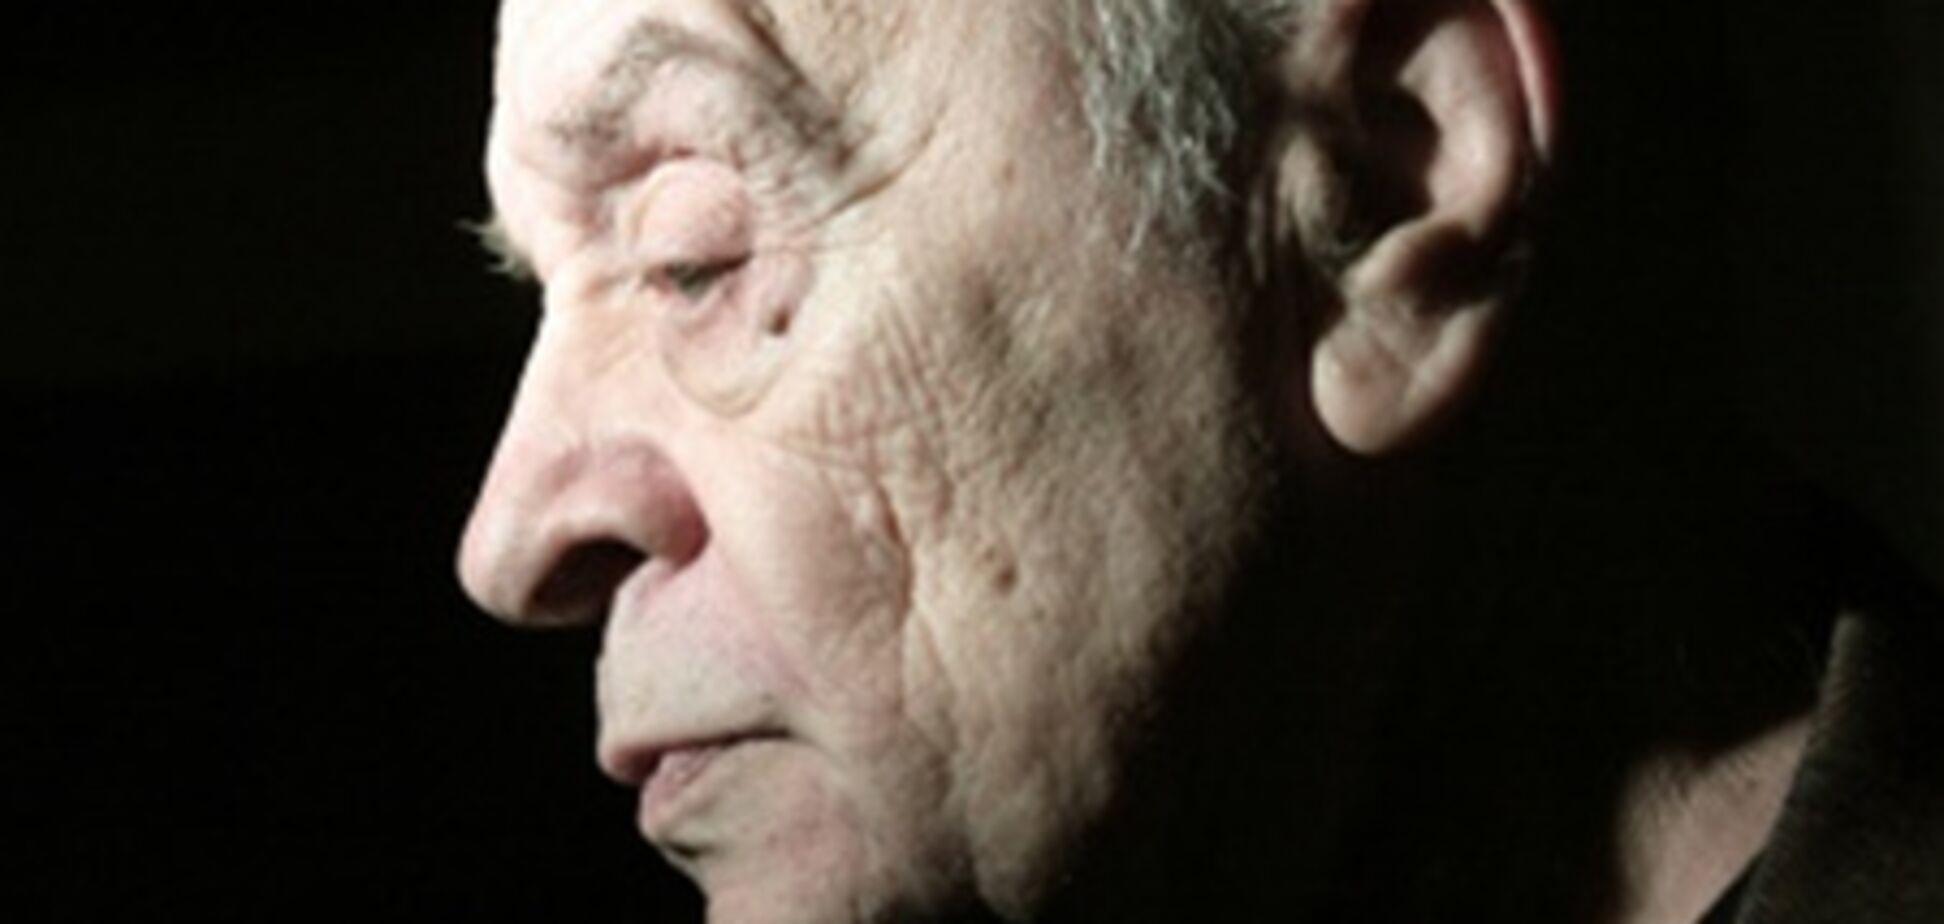 Стан Леоніда Броньового залишається важким - лікар